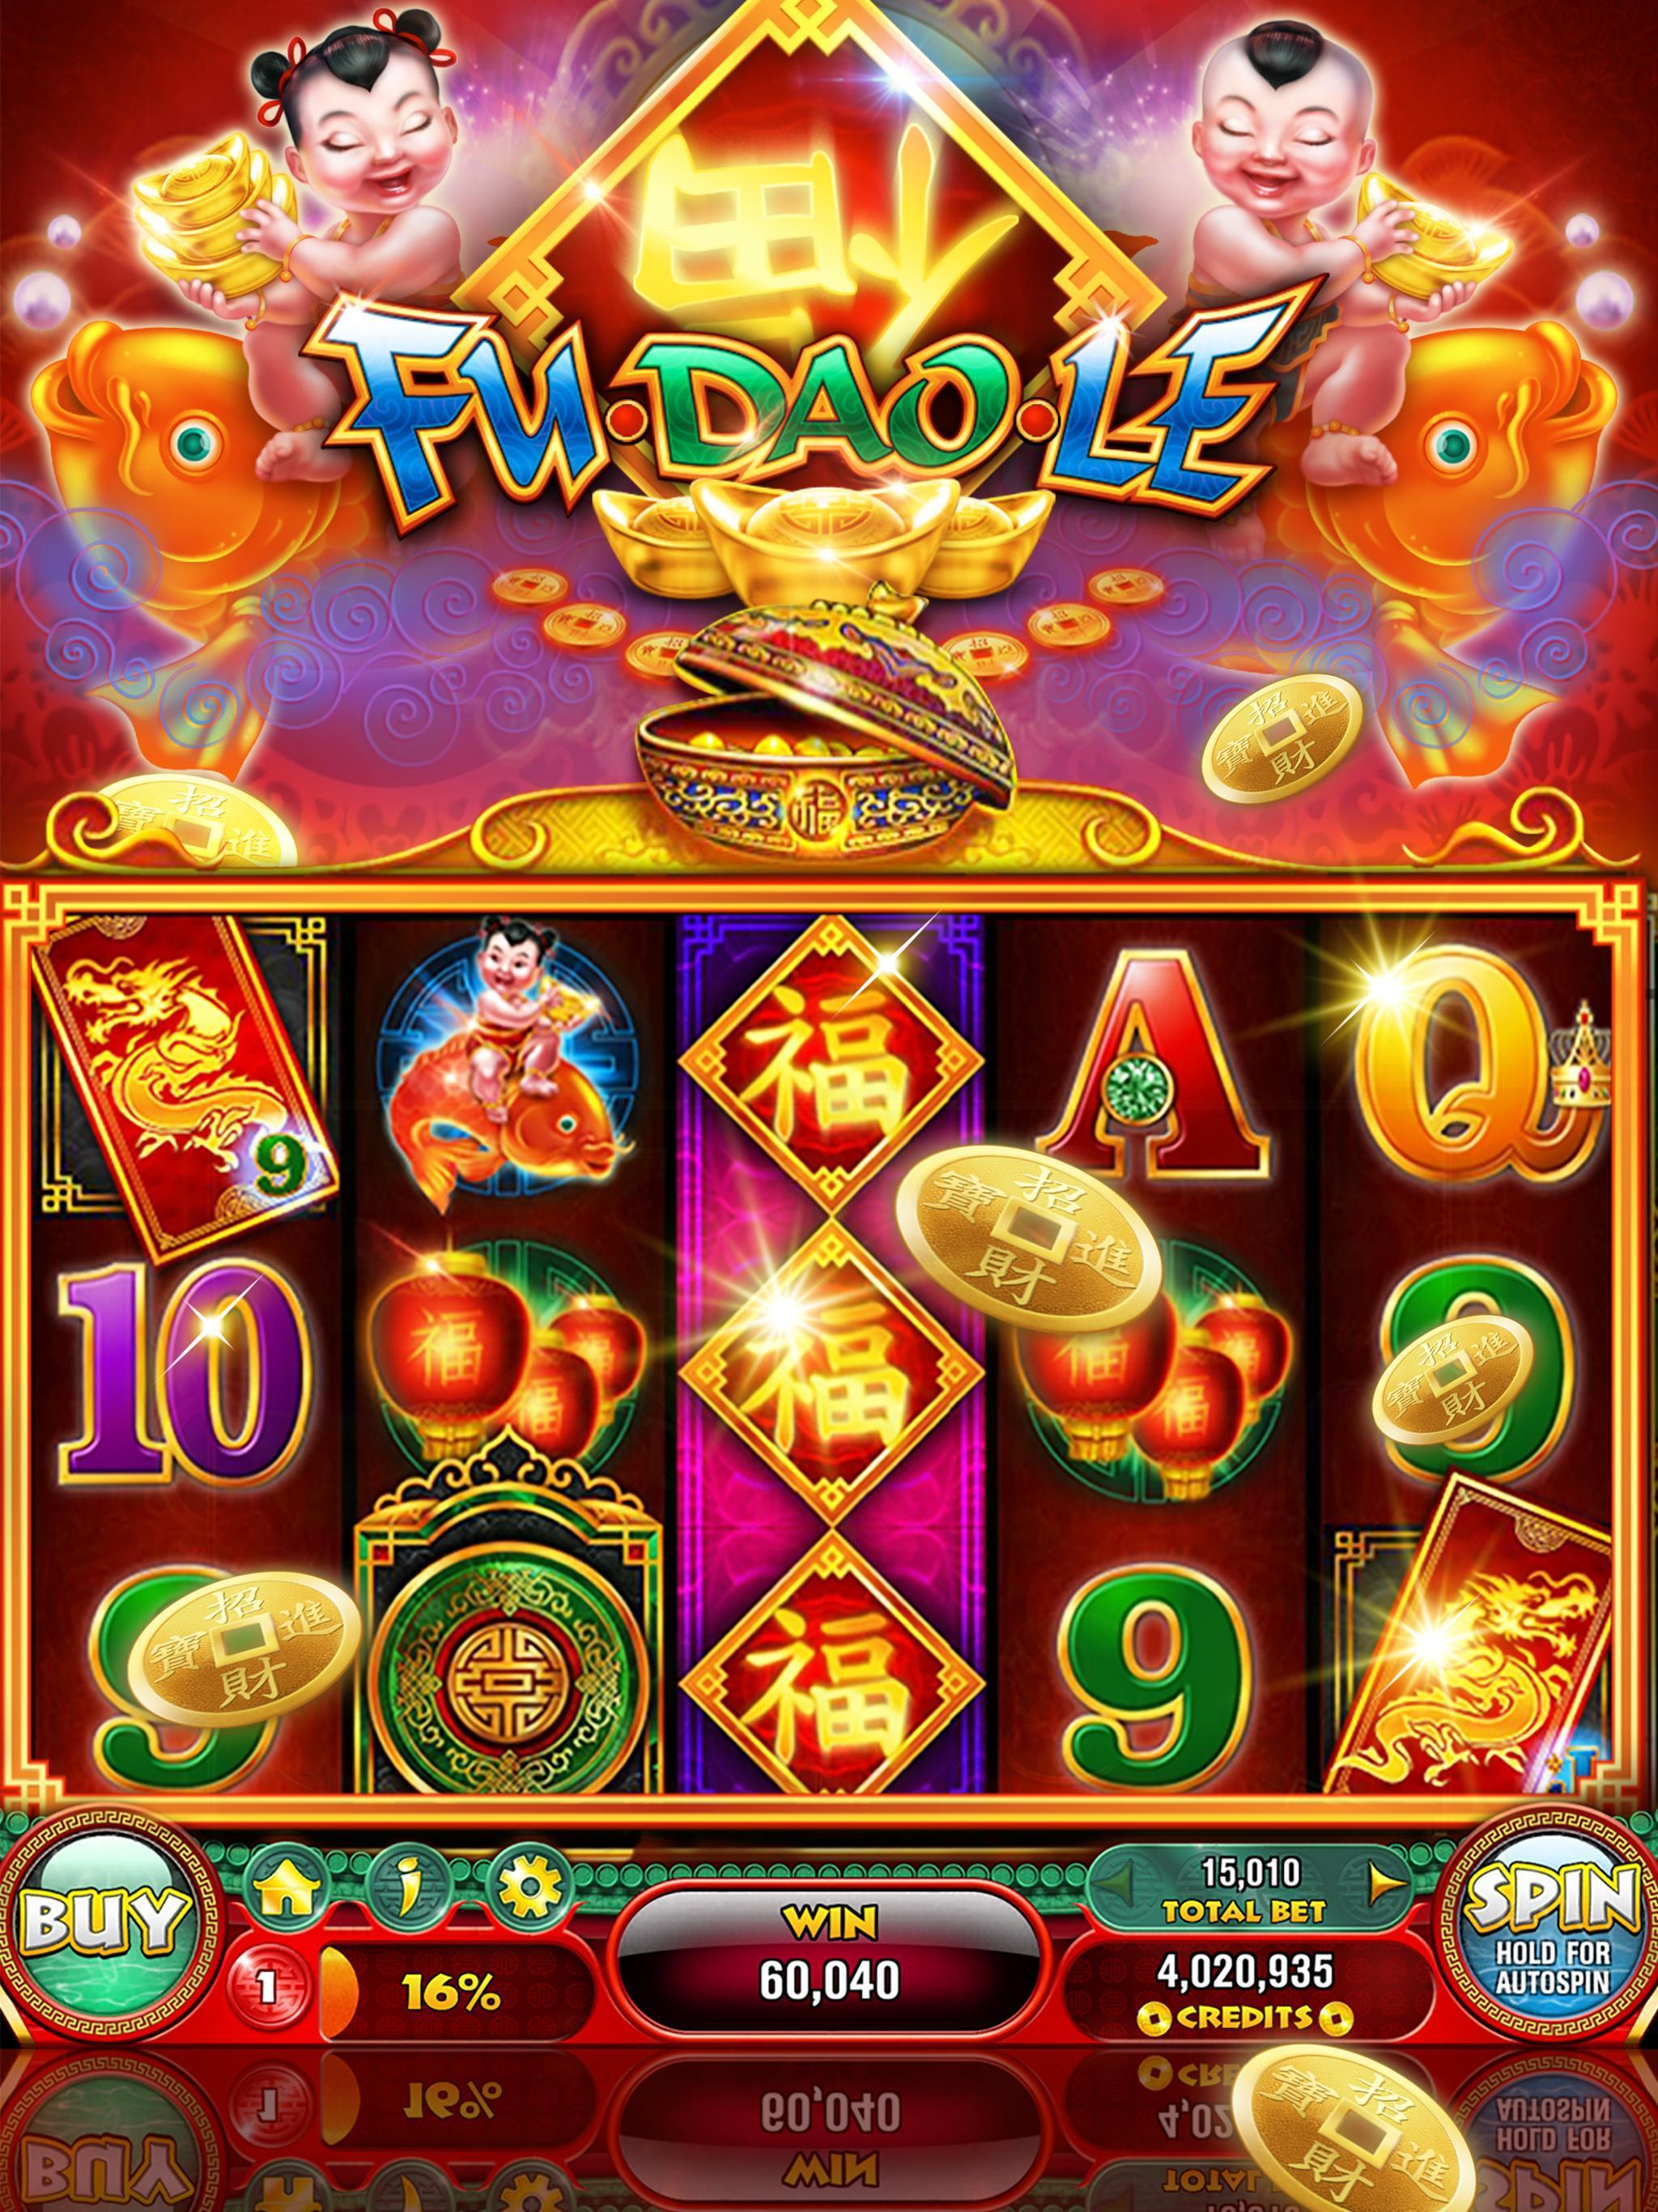 88 Fortunes Casino Games & Free Slot Machines 3.2.38 Screenshot 14